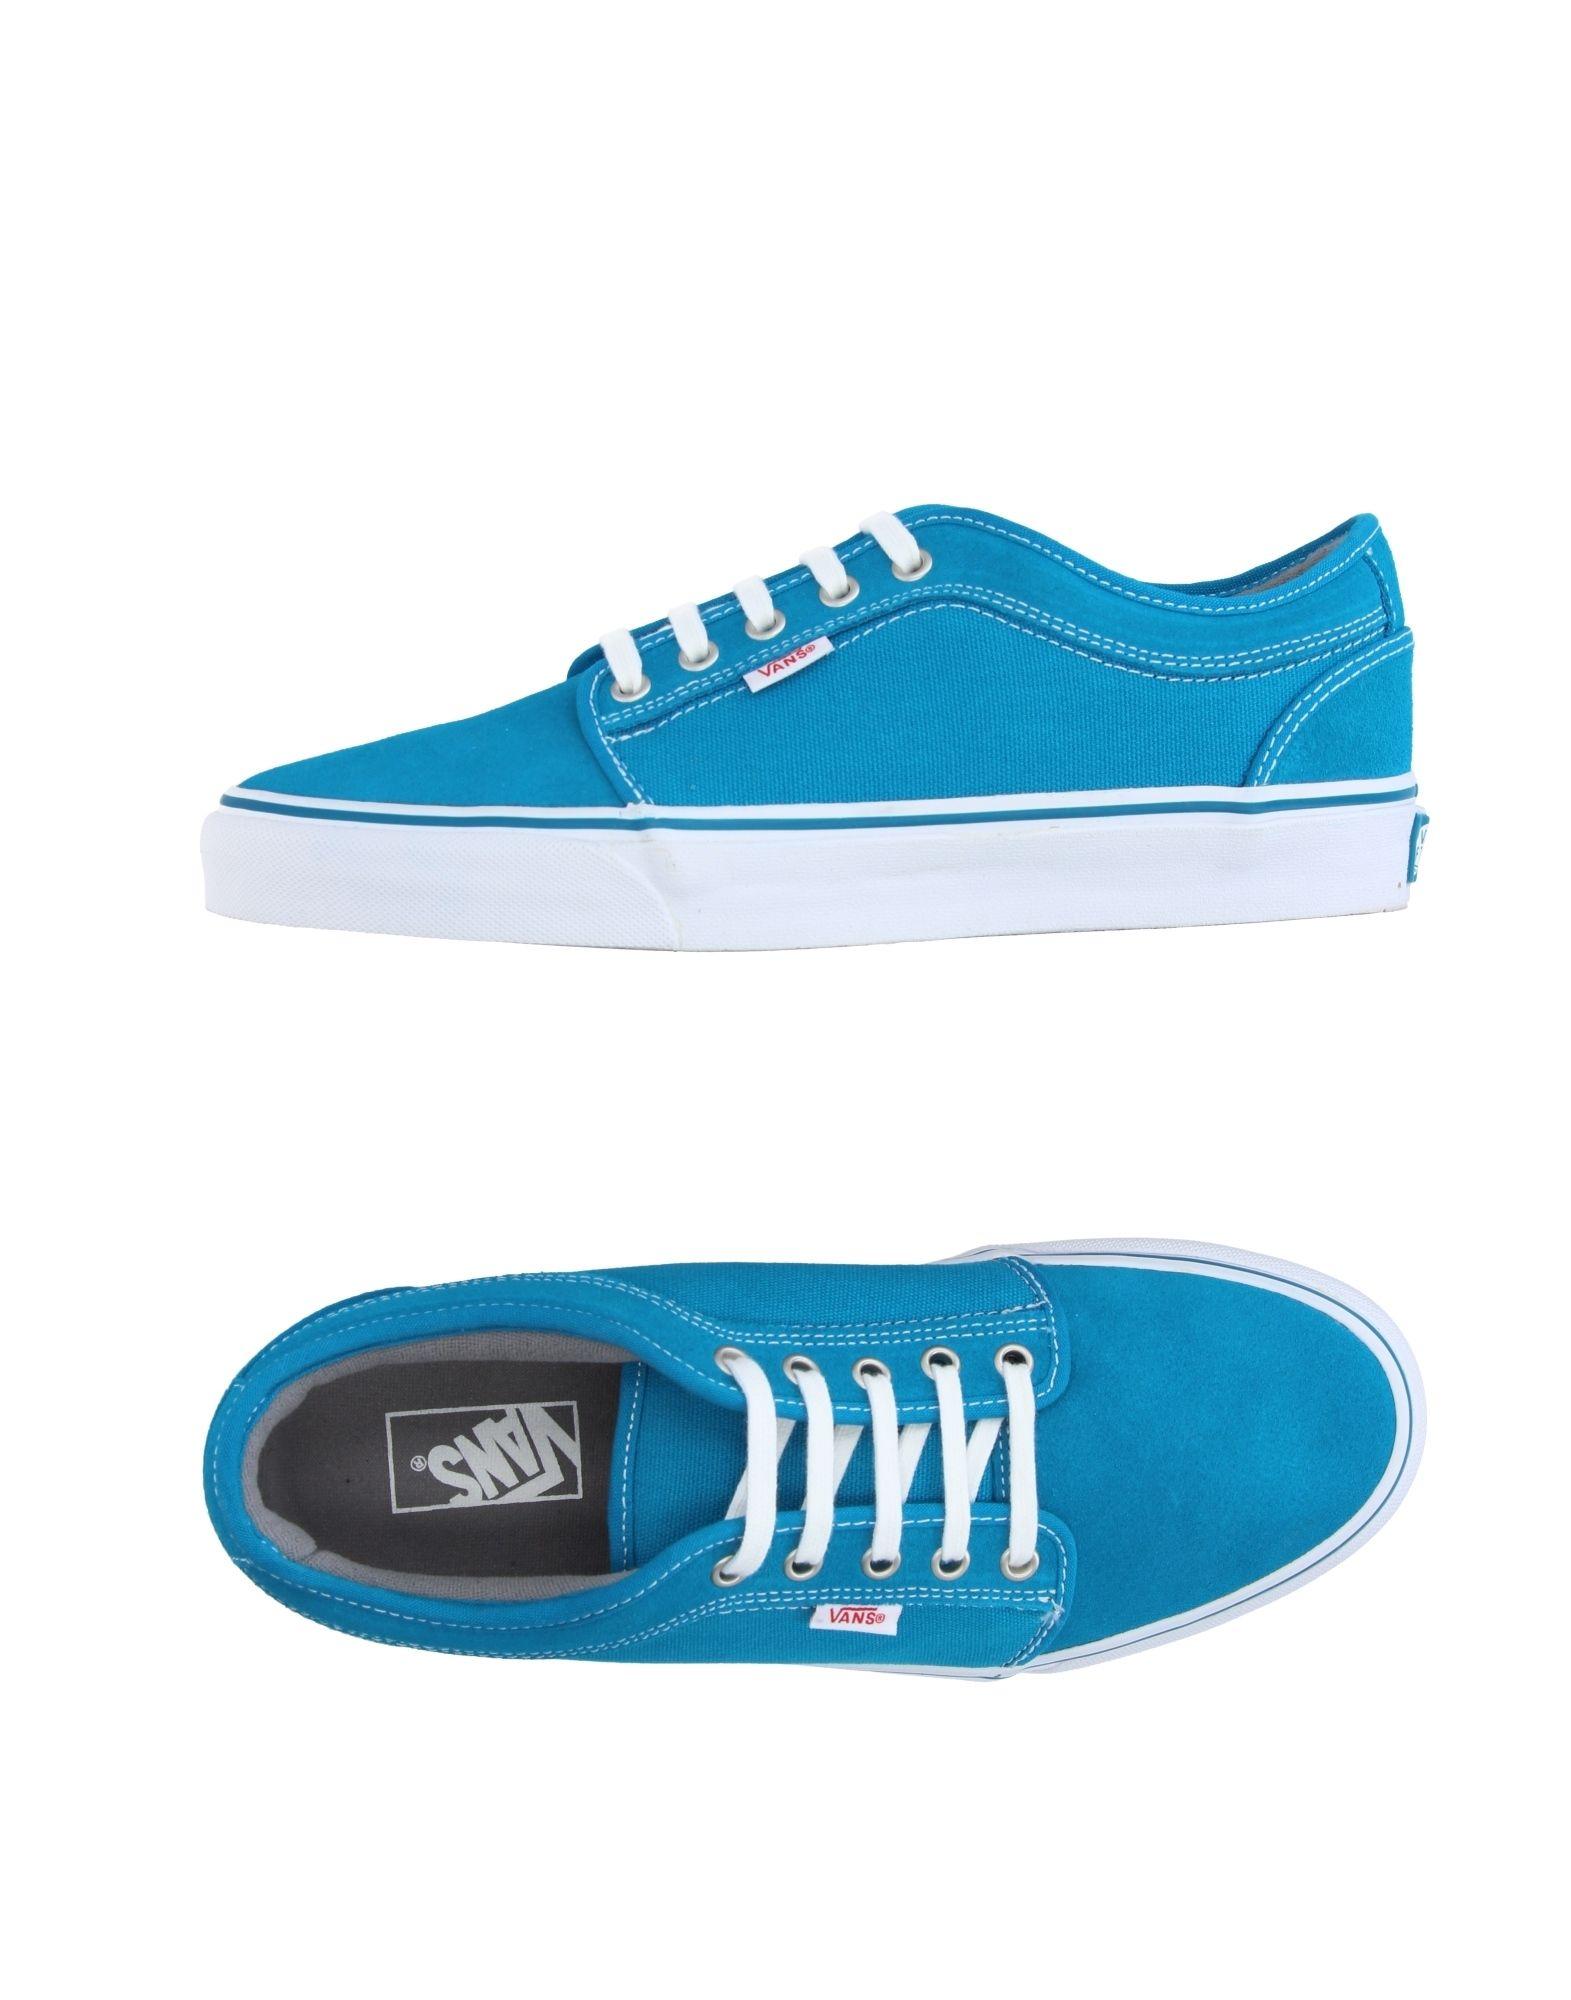 Rabatt Vans echte Schuhe Vans Rabatt Sneakers Herren  11195576ML 231c45